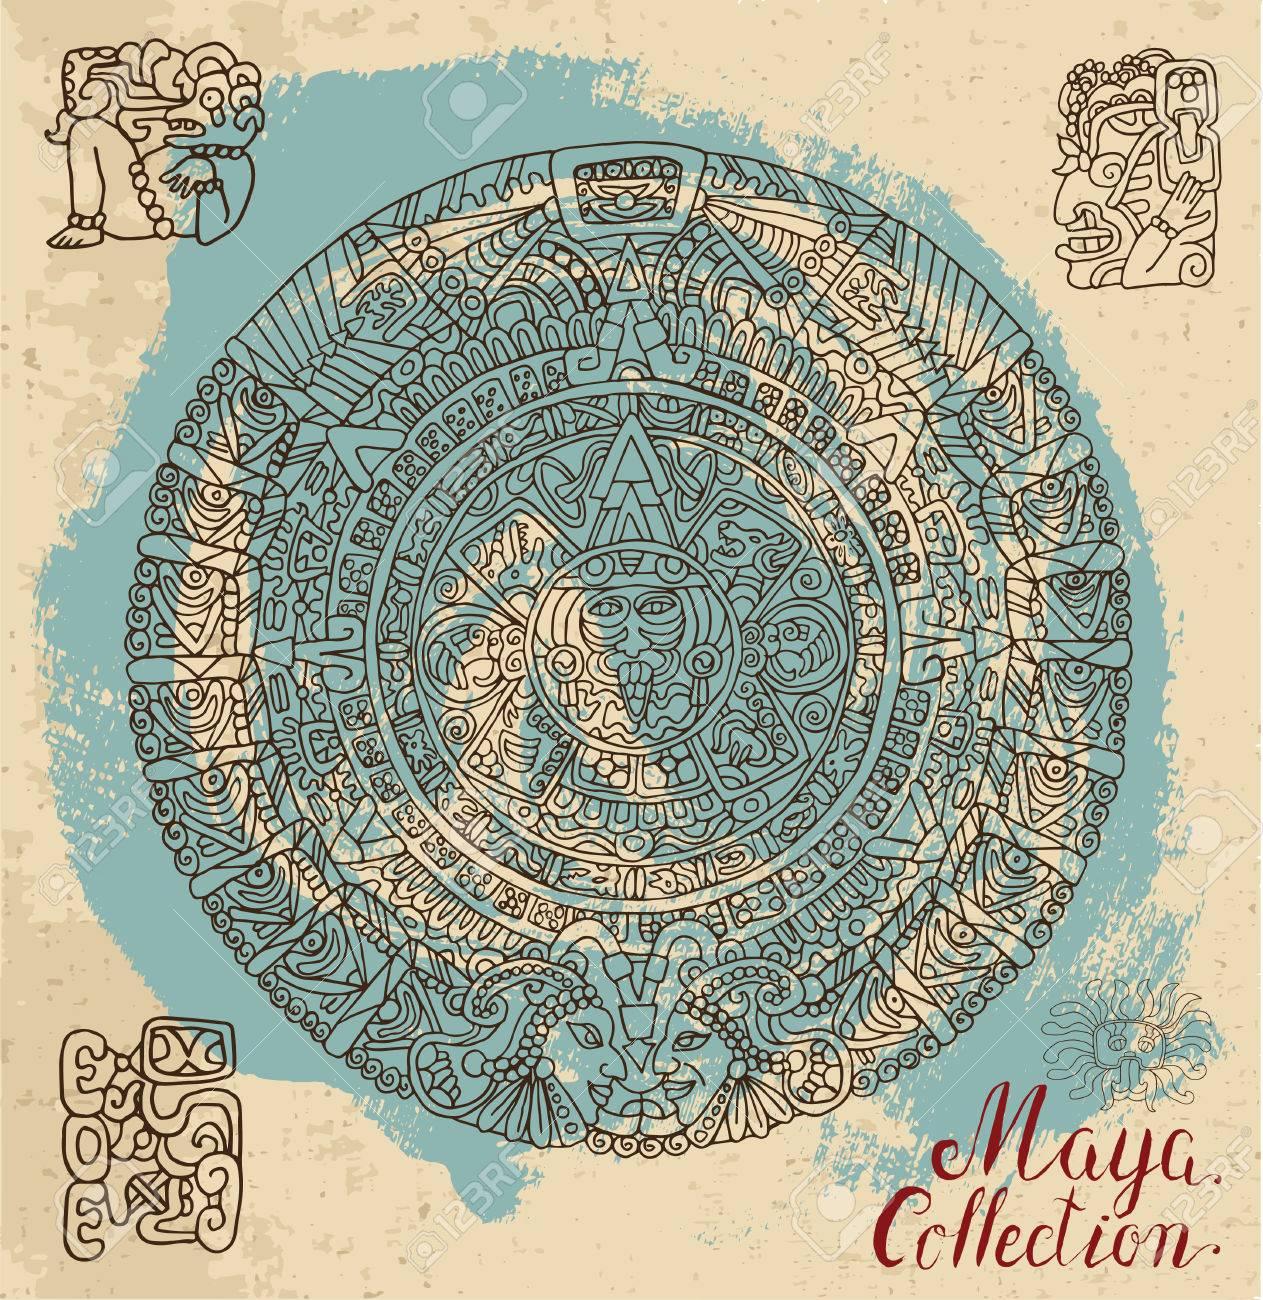 Calendrier Maya Dessin.Carte Vintage Avec L Ancien Calendrier Maya Et Des Ornements Ethniques Sur Fond Texture Motif Illustration Vectorielle Et Doodle Dessin Pour La